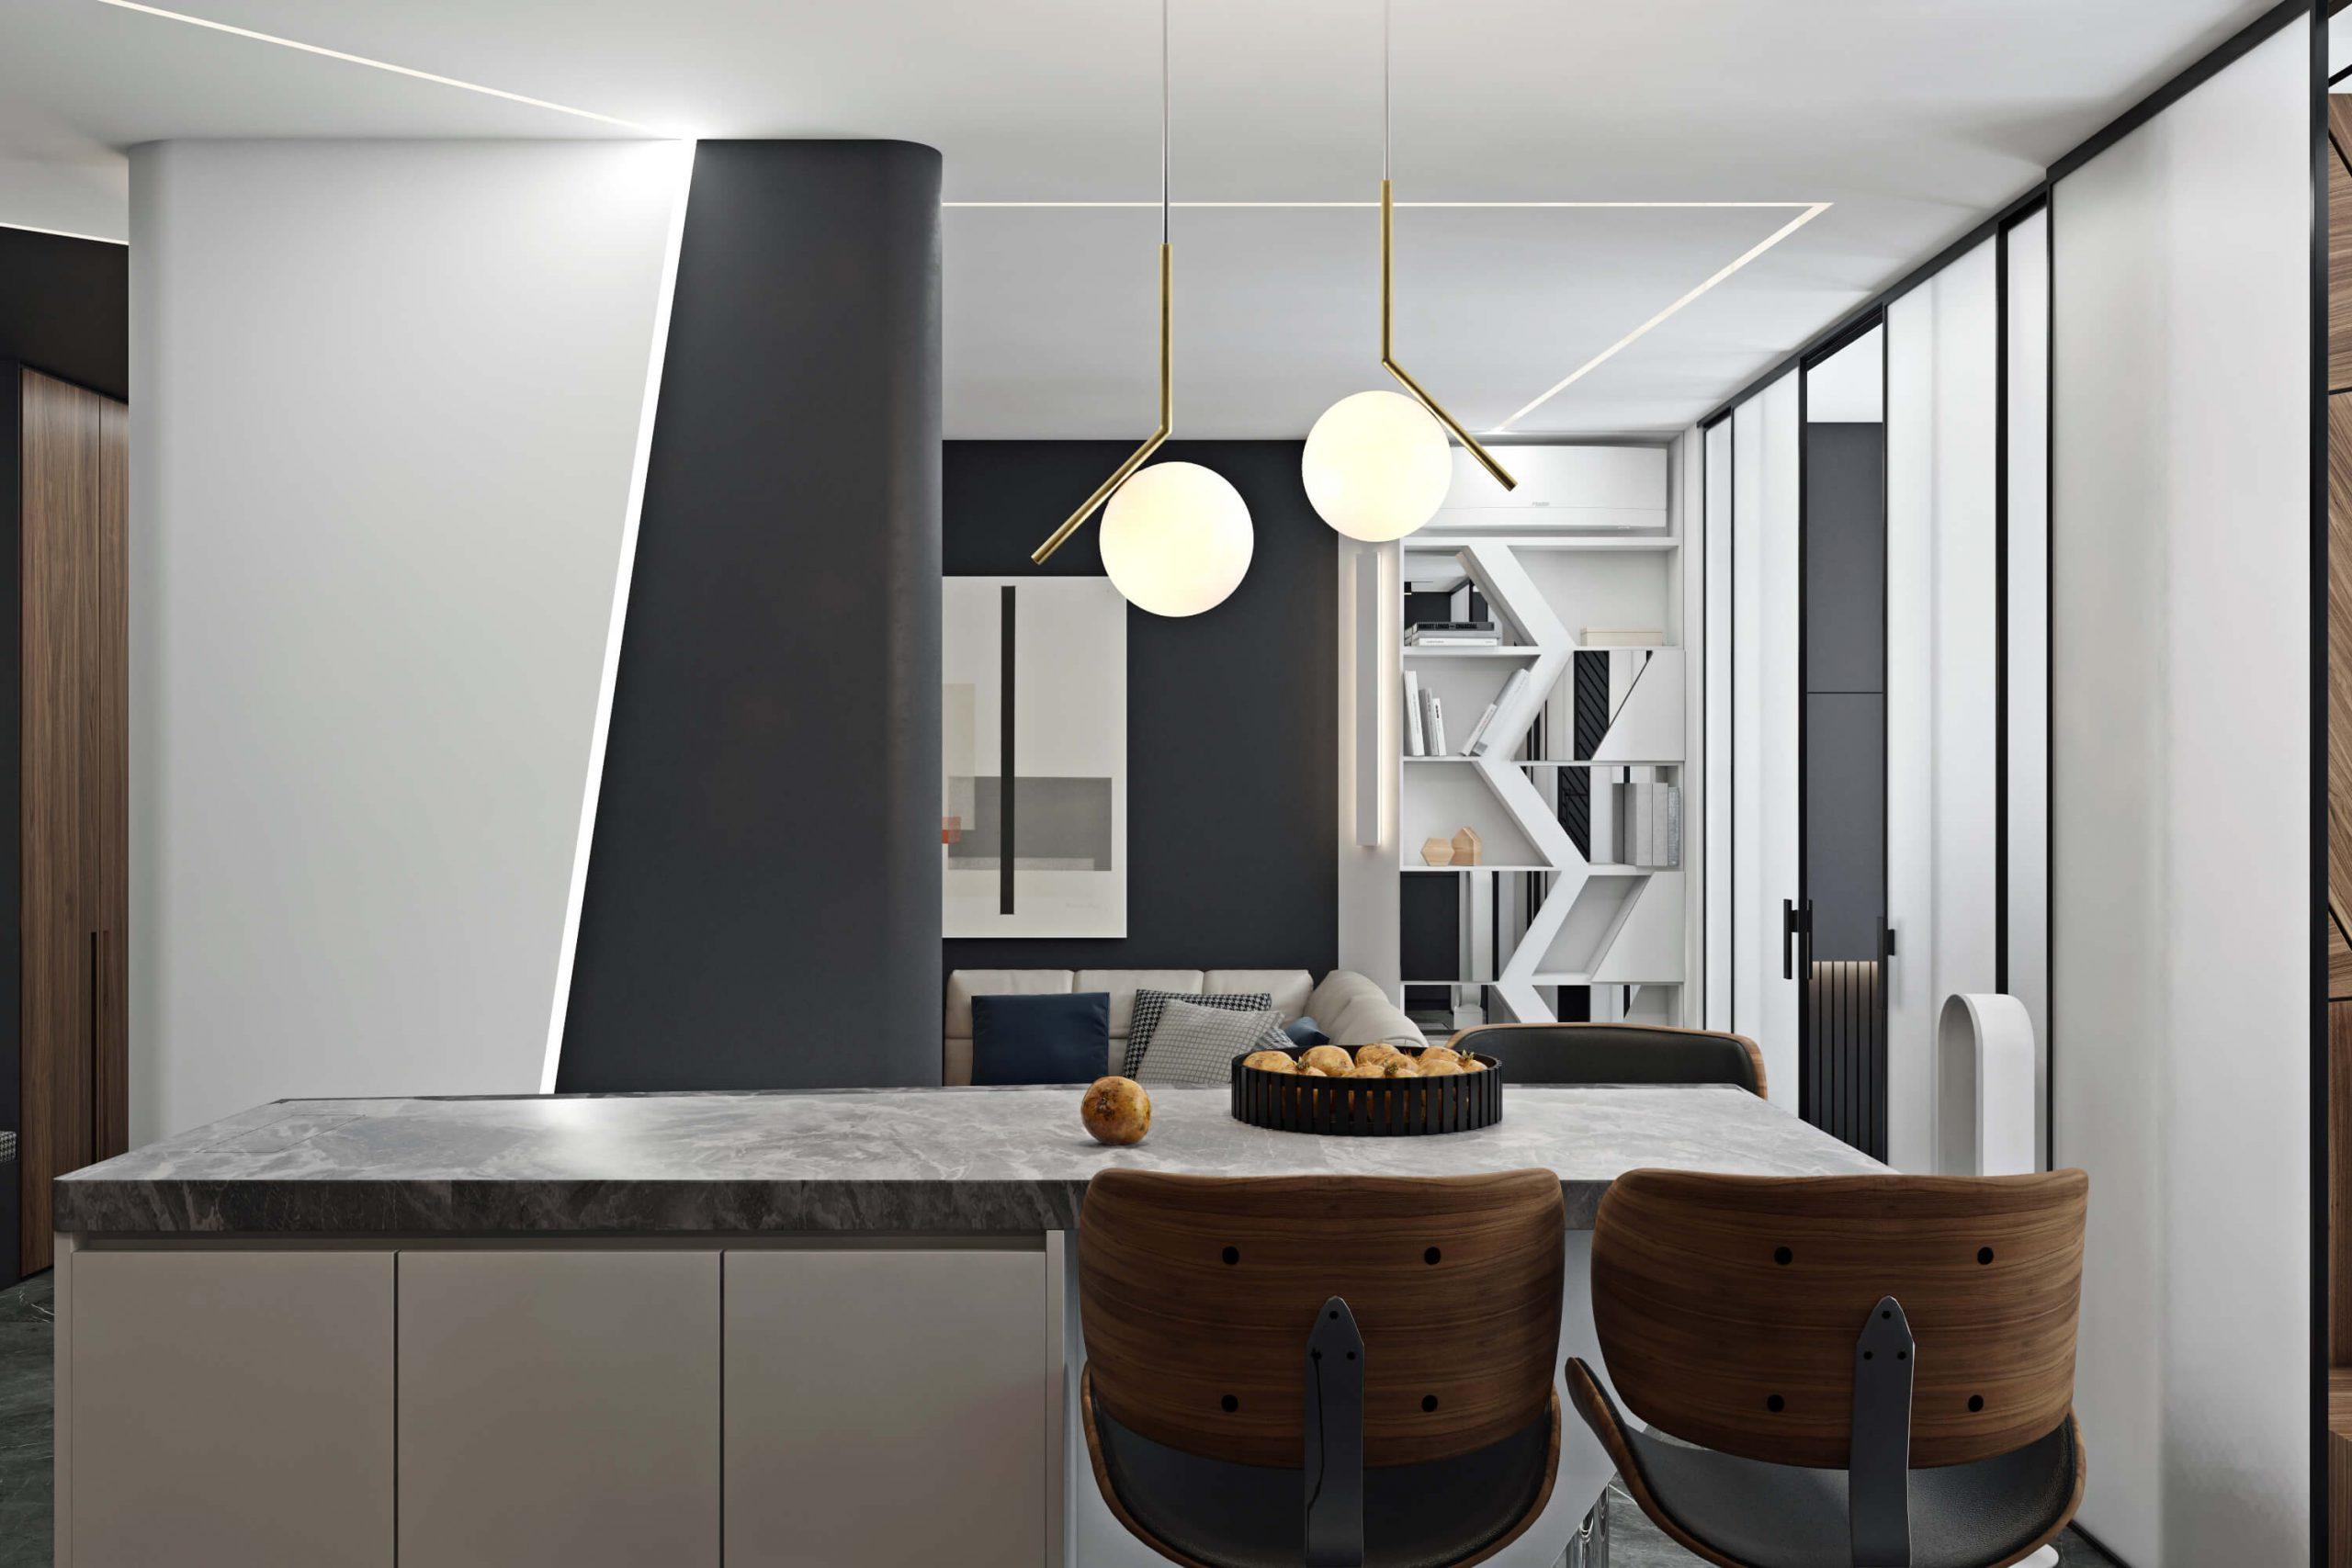 Дизайнерский ремонт квартиры: отличие дизайнерского ремонта от обычного ремонта